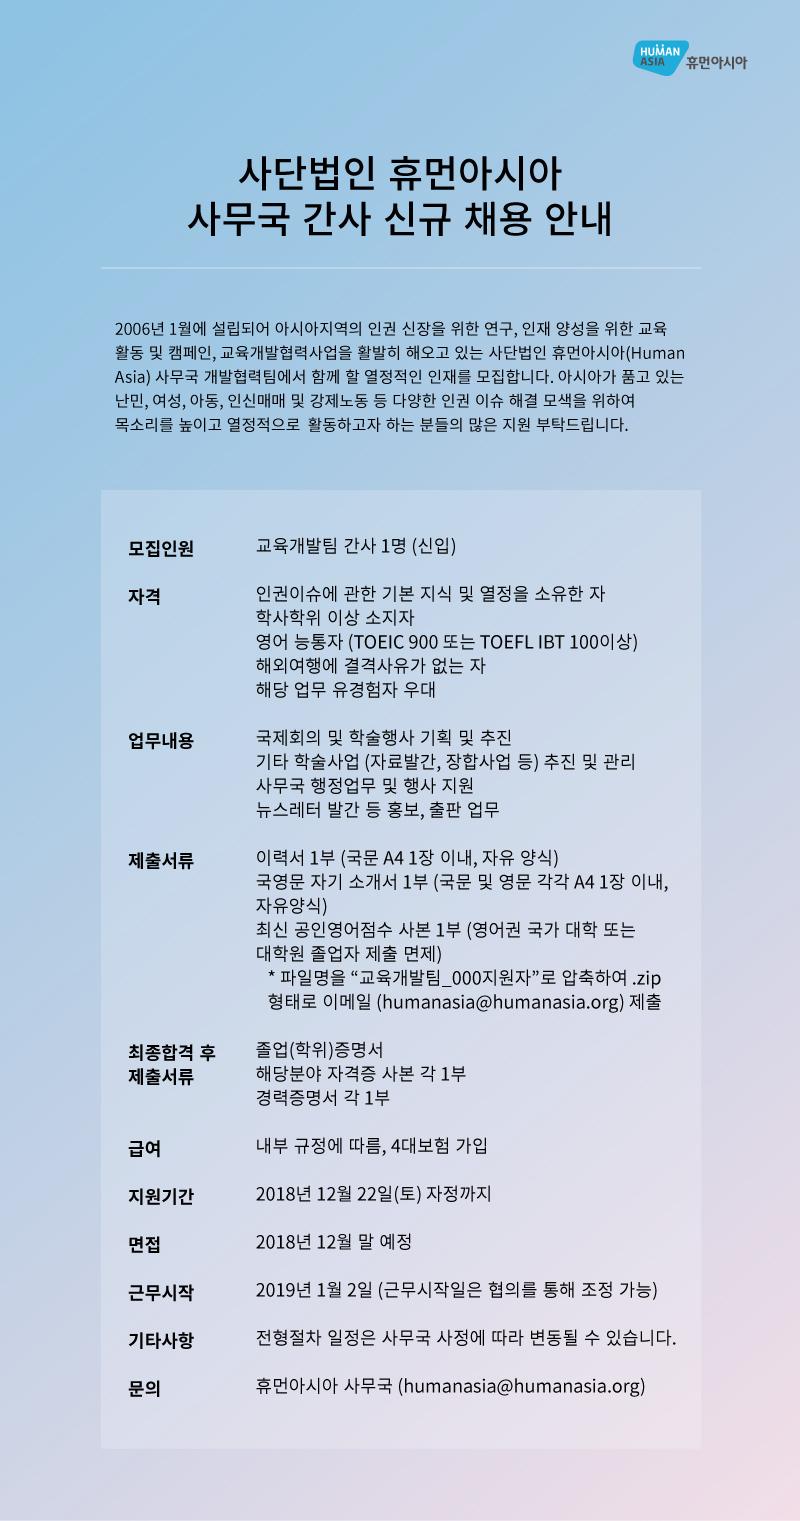 [채용] 사무국 교육개발팀 간사 채용 안내(~12/22)